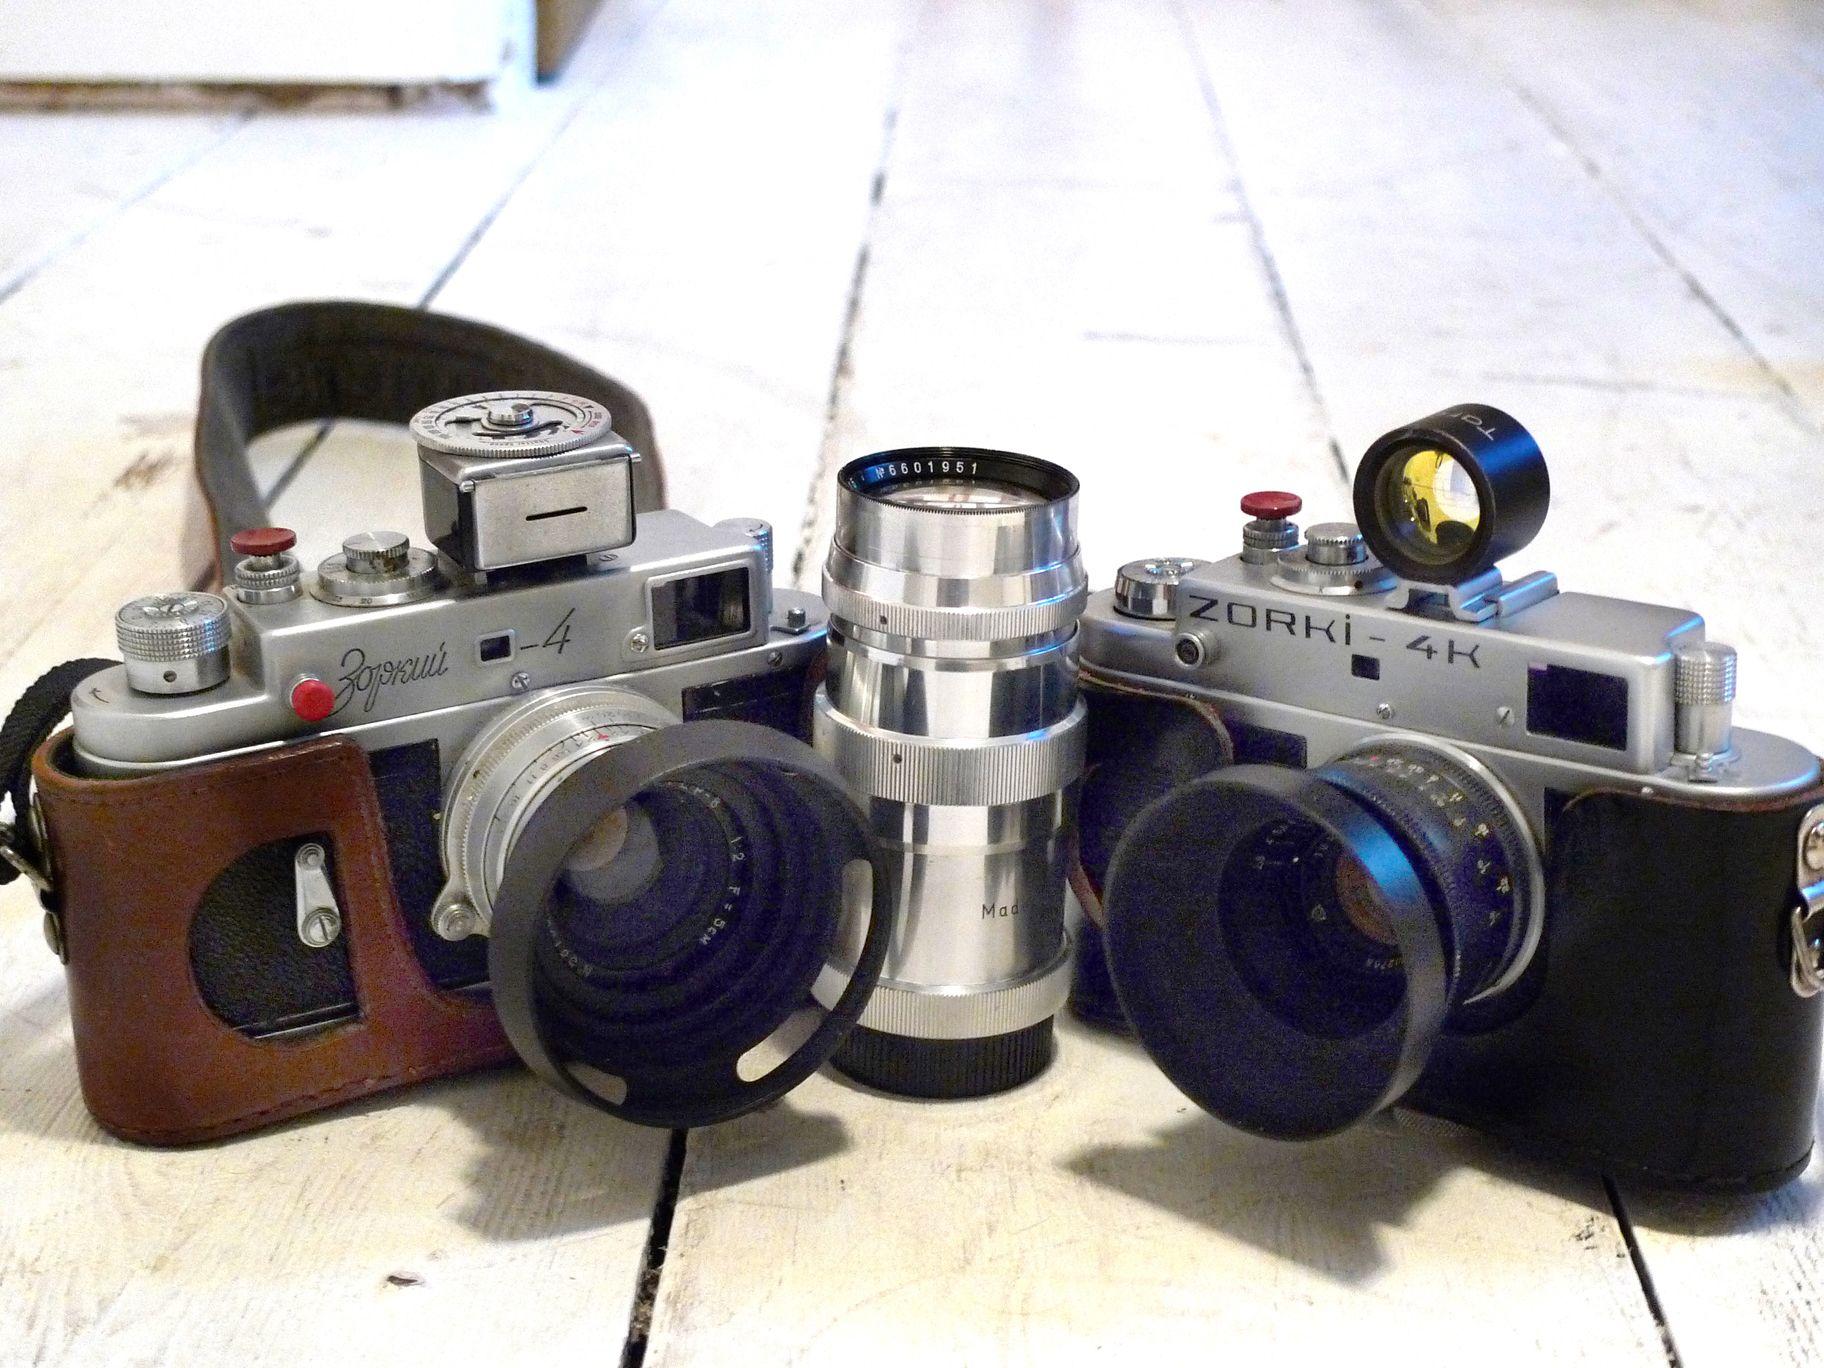 Zorki 4 and 4K with Jupiter 8 lens, Jupite 12 lens and